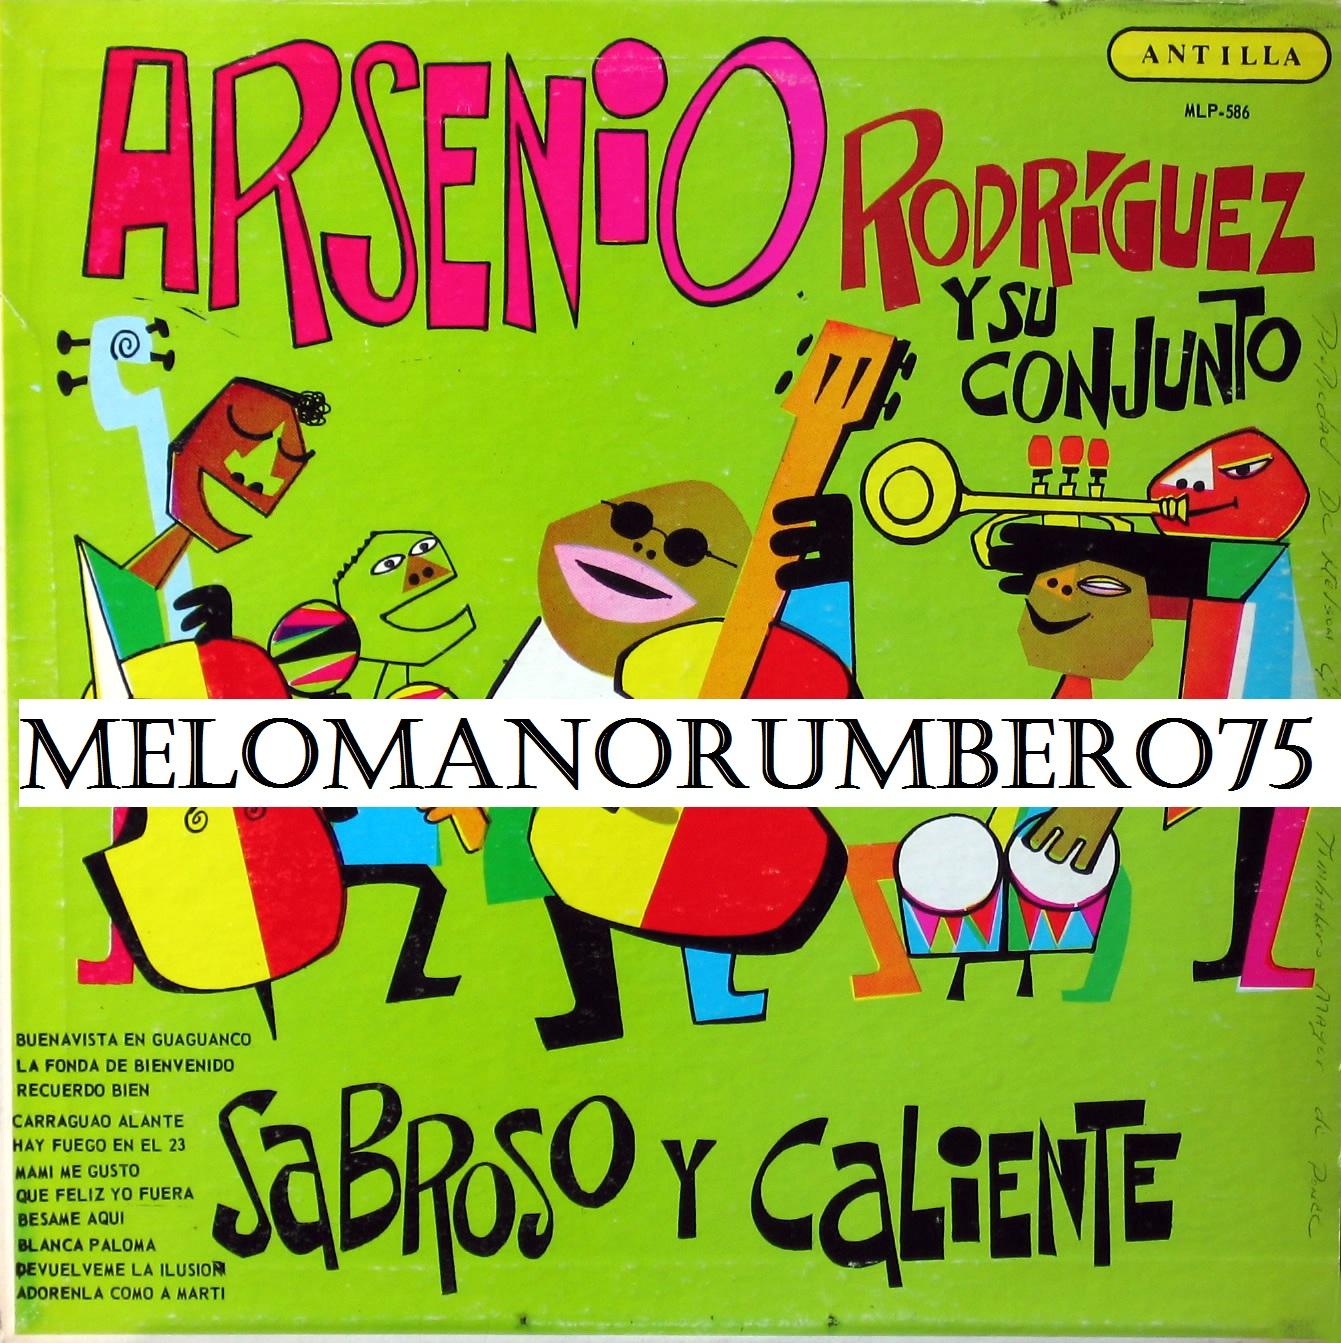 Arsenio Rodriguez Y Su Conjunto Sabroso y Caliente